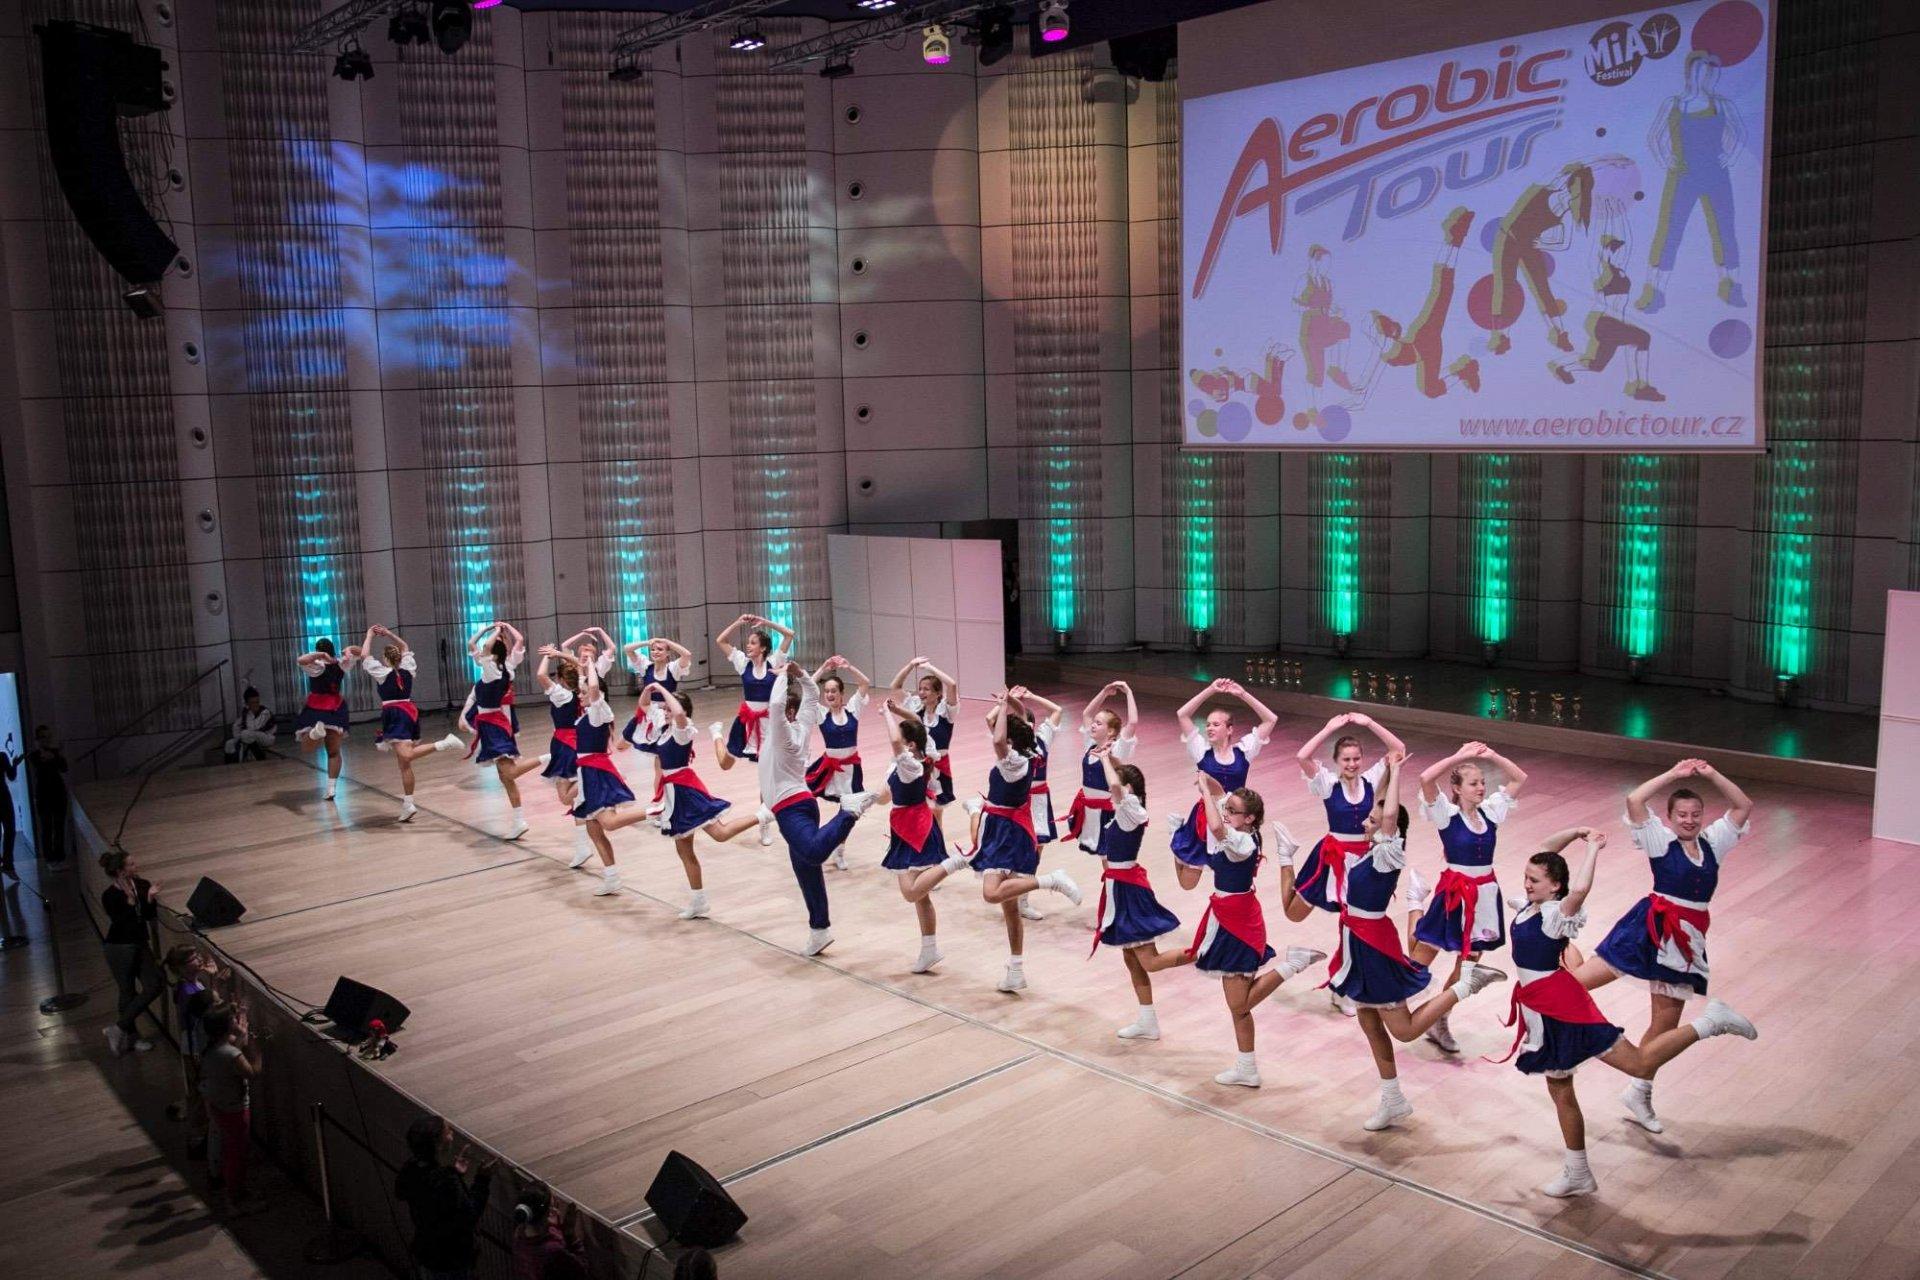 FINÁLE AEROBIC TOUR